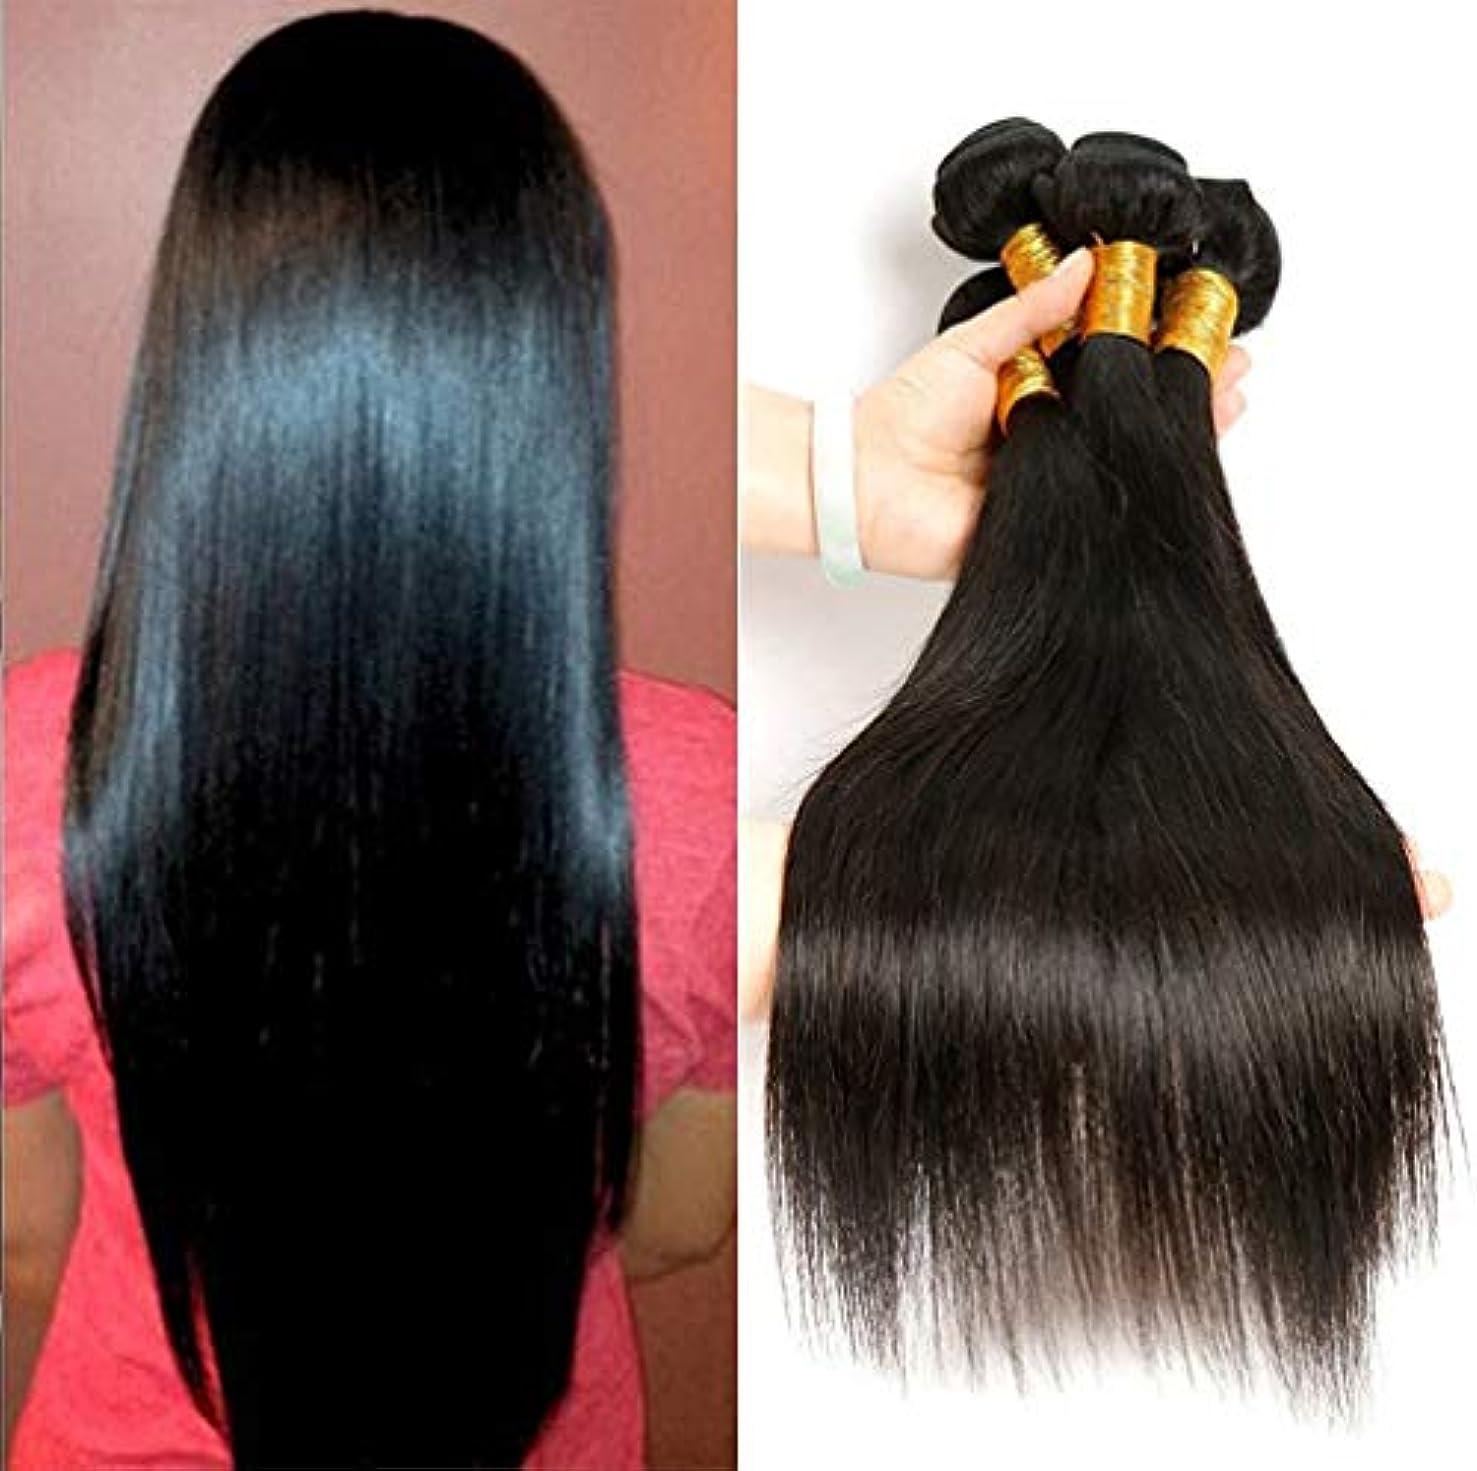 野ウサギ職業細分化するブラジルのストレートヘアー女性の髪織り密度150%織り100%未処理のバージン人毛エクステンション